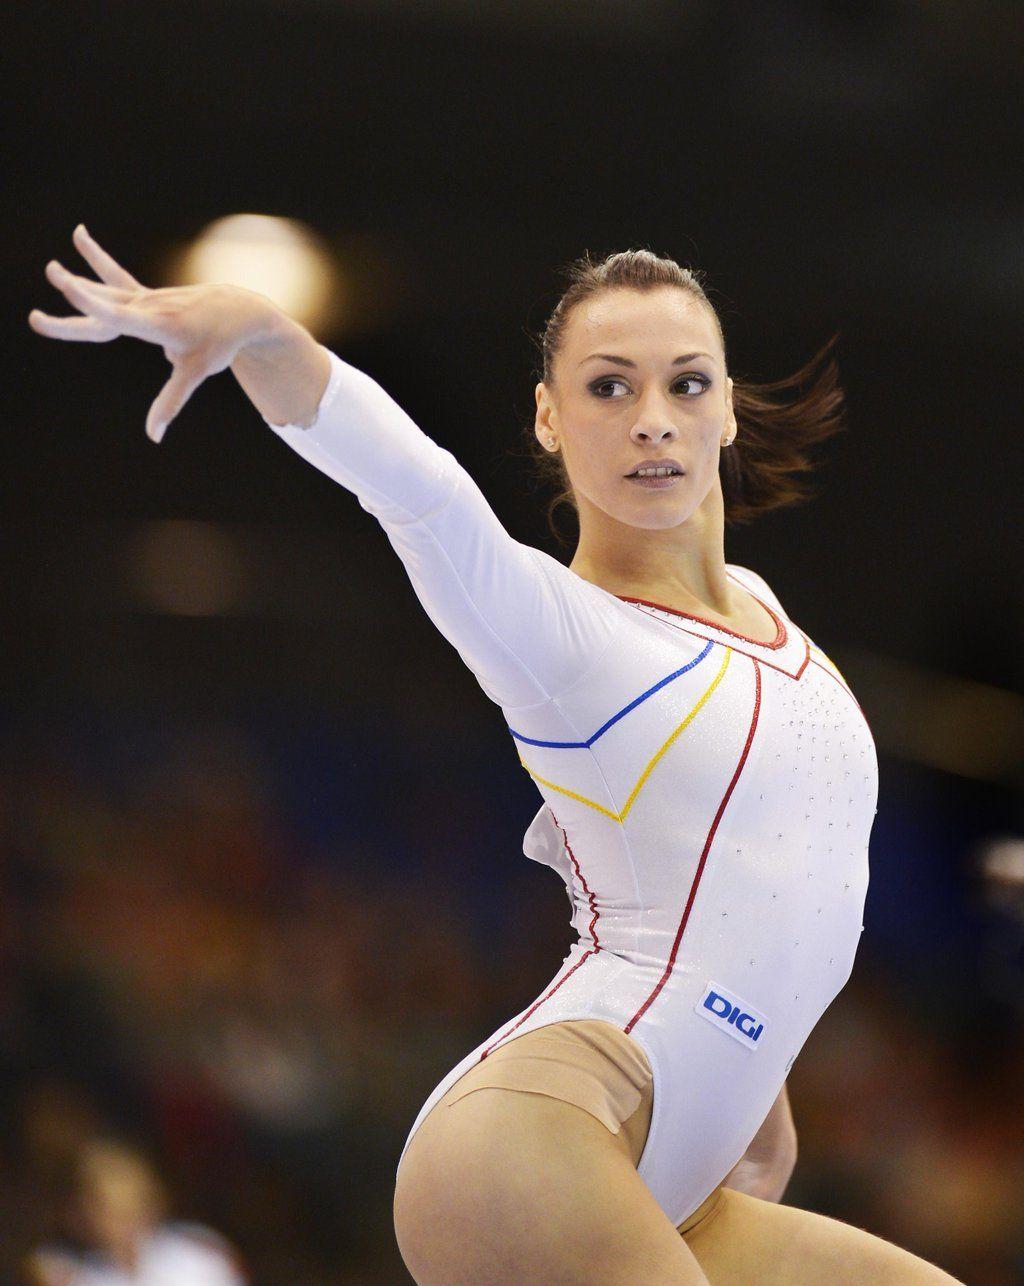 случае гимнастки румынские фото таковых является костная